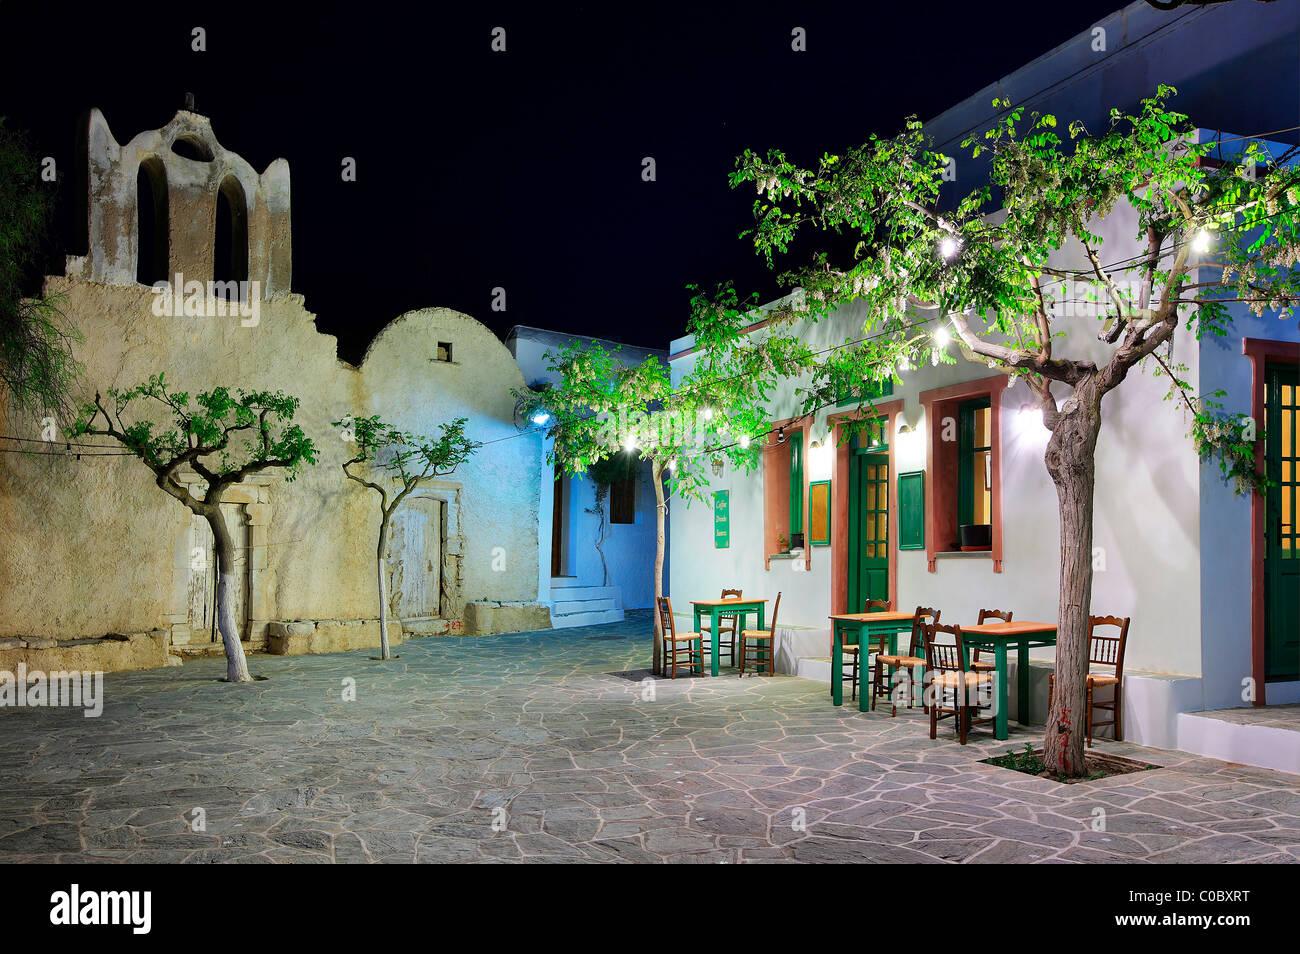 Nachtansicht von einem der vielen kleinen Quadraten in Hora Folegandros, Kykladen, Griechenland Stockbild